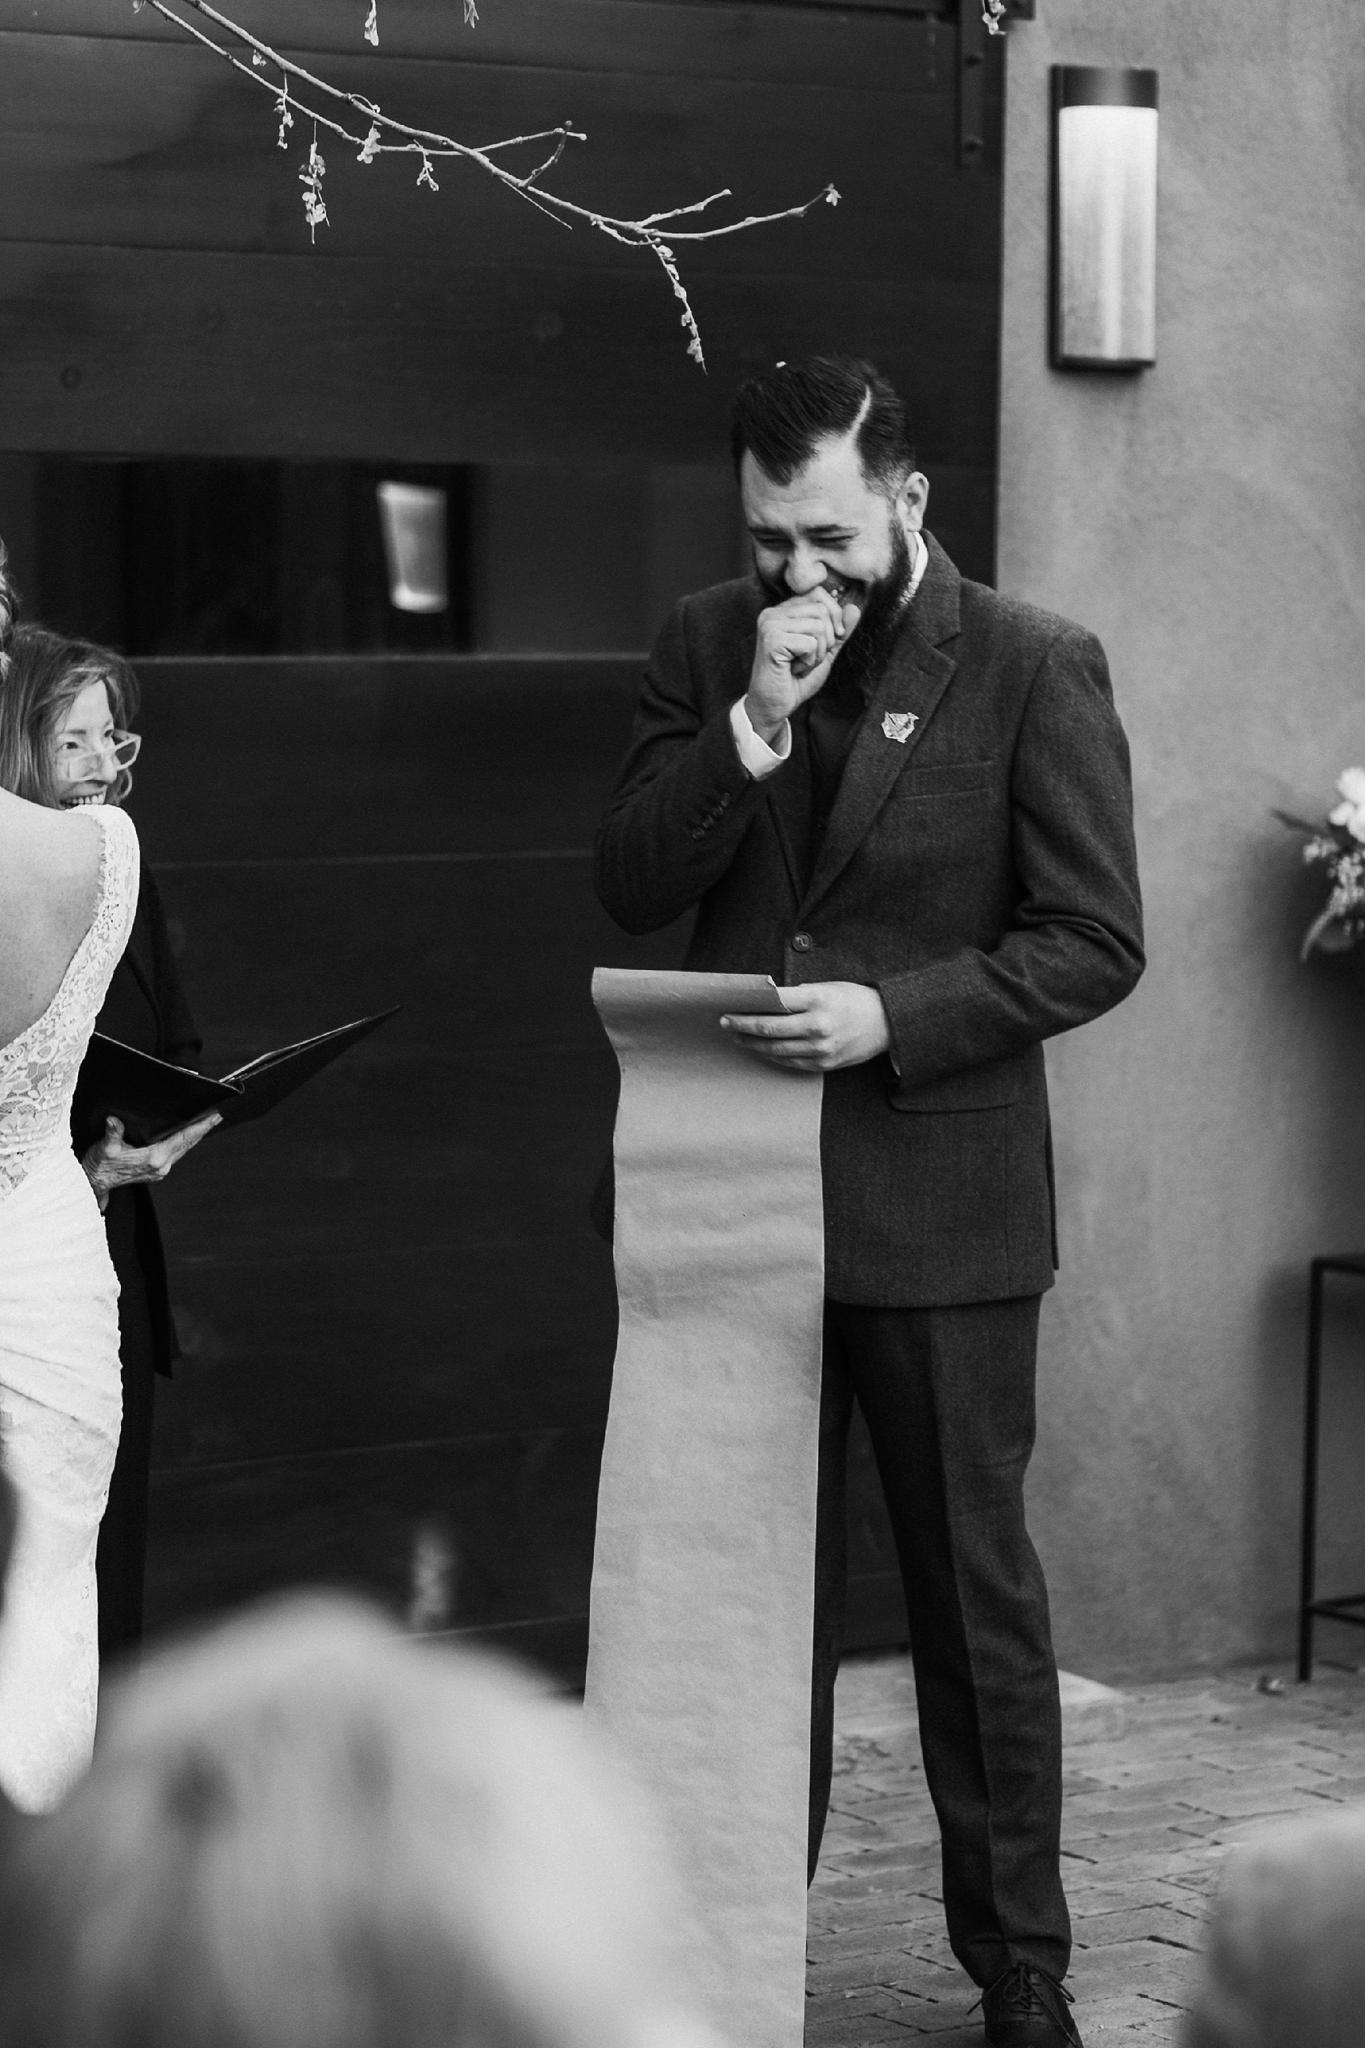 Alicia+lucia+photography+-+albuquerque+wedding+photographer+-+santa+fe+wedding+photography+-+new+mexico+wedding+photographer+-+new+mexico+wedding+-+wedding+vows+-+writing+your+own+vows+-+wedding+inspo_0024.jpg